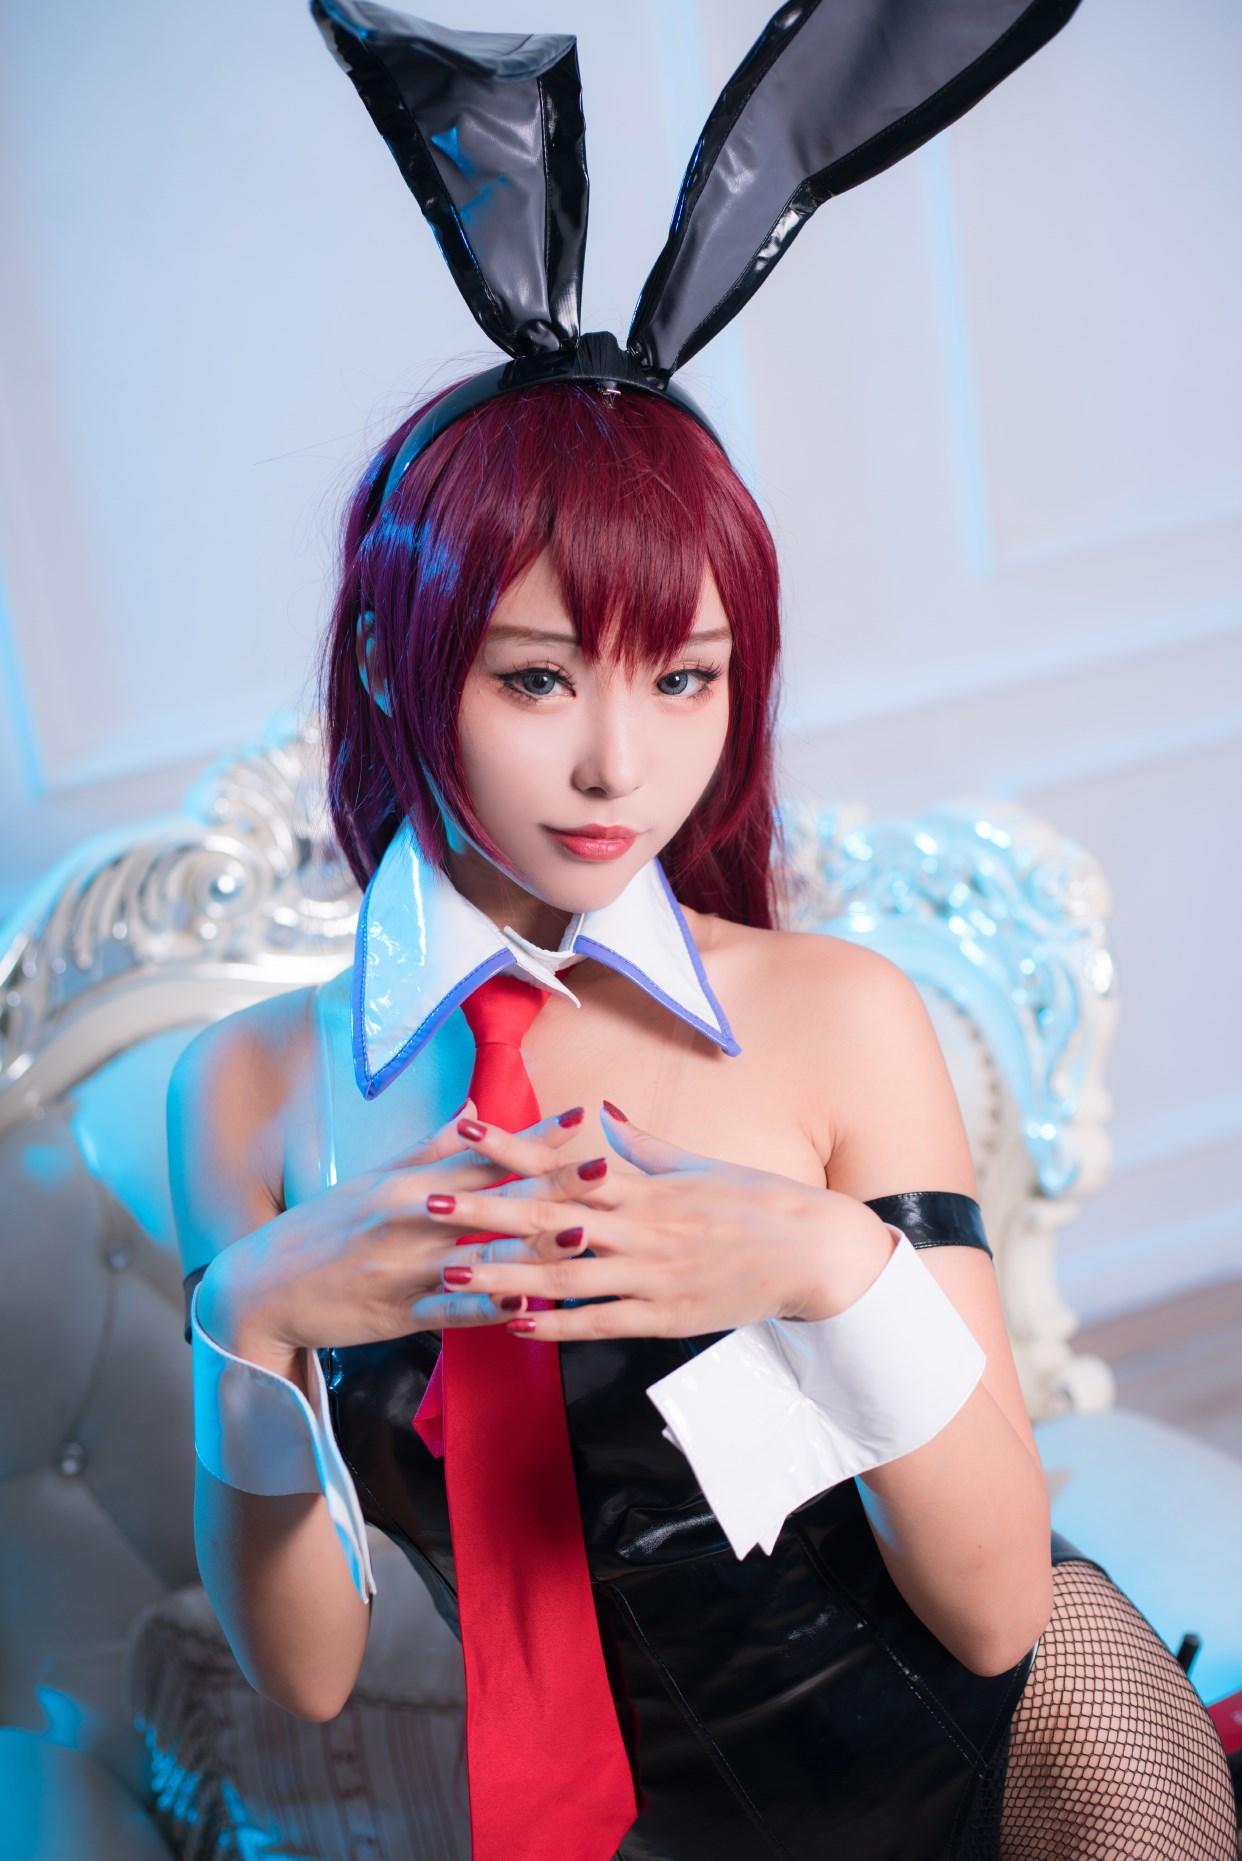 【兔玩映画】兔女郎vol.23-助手 兔玩映画 第23张